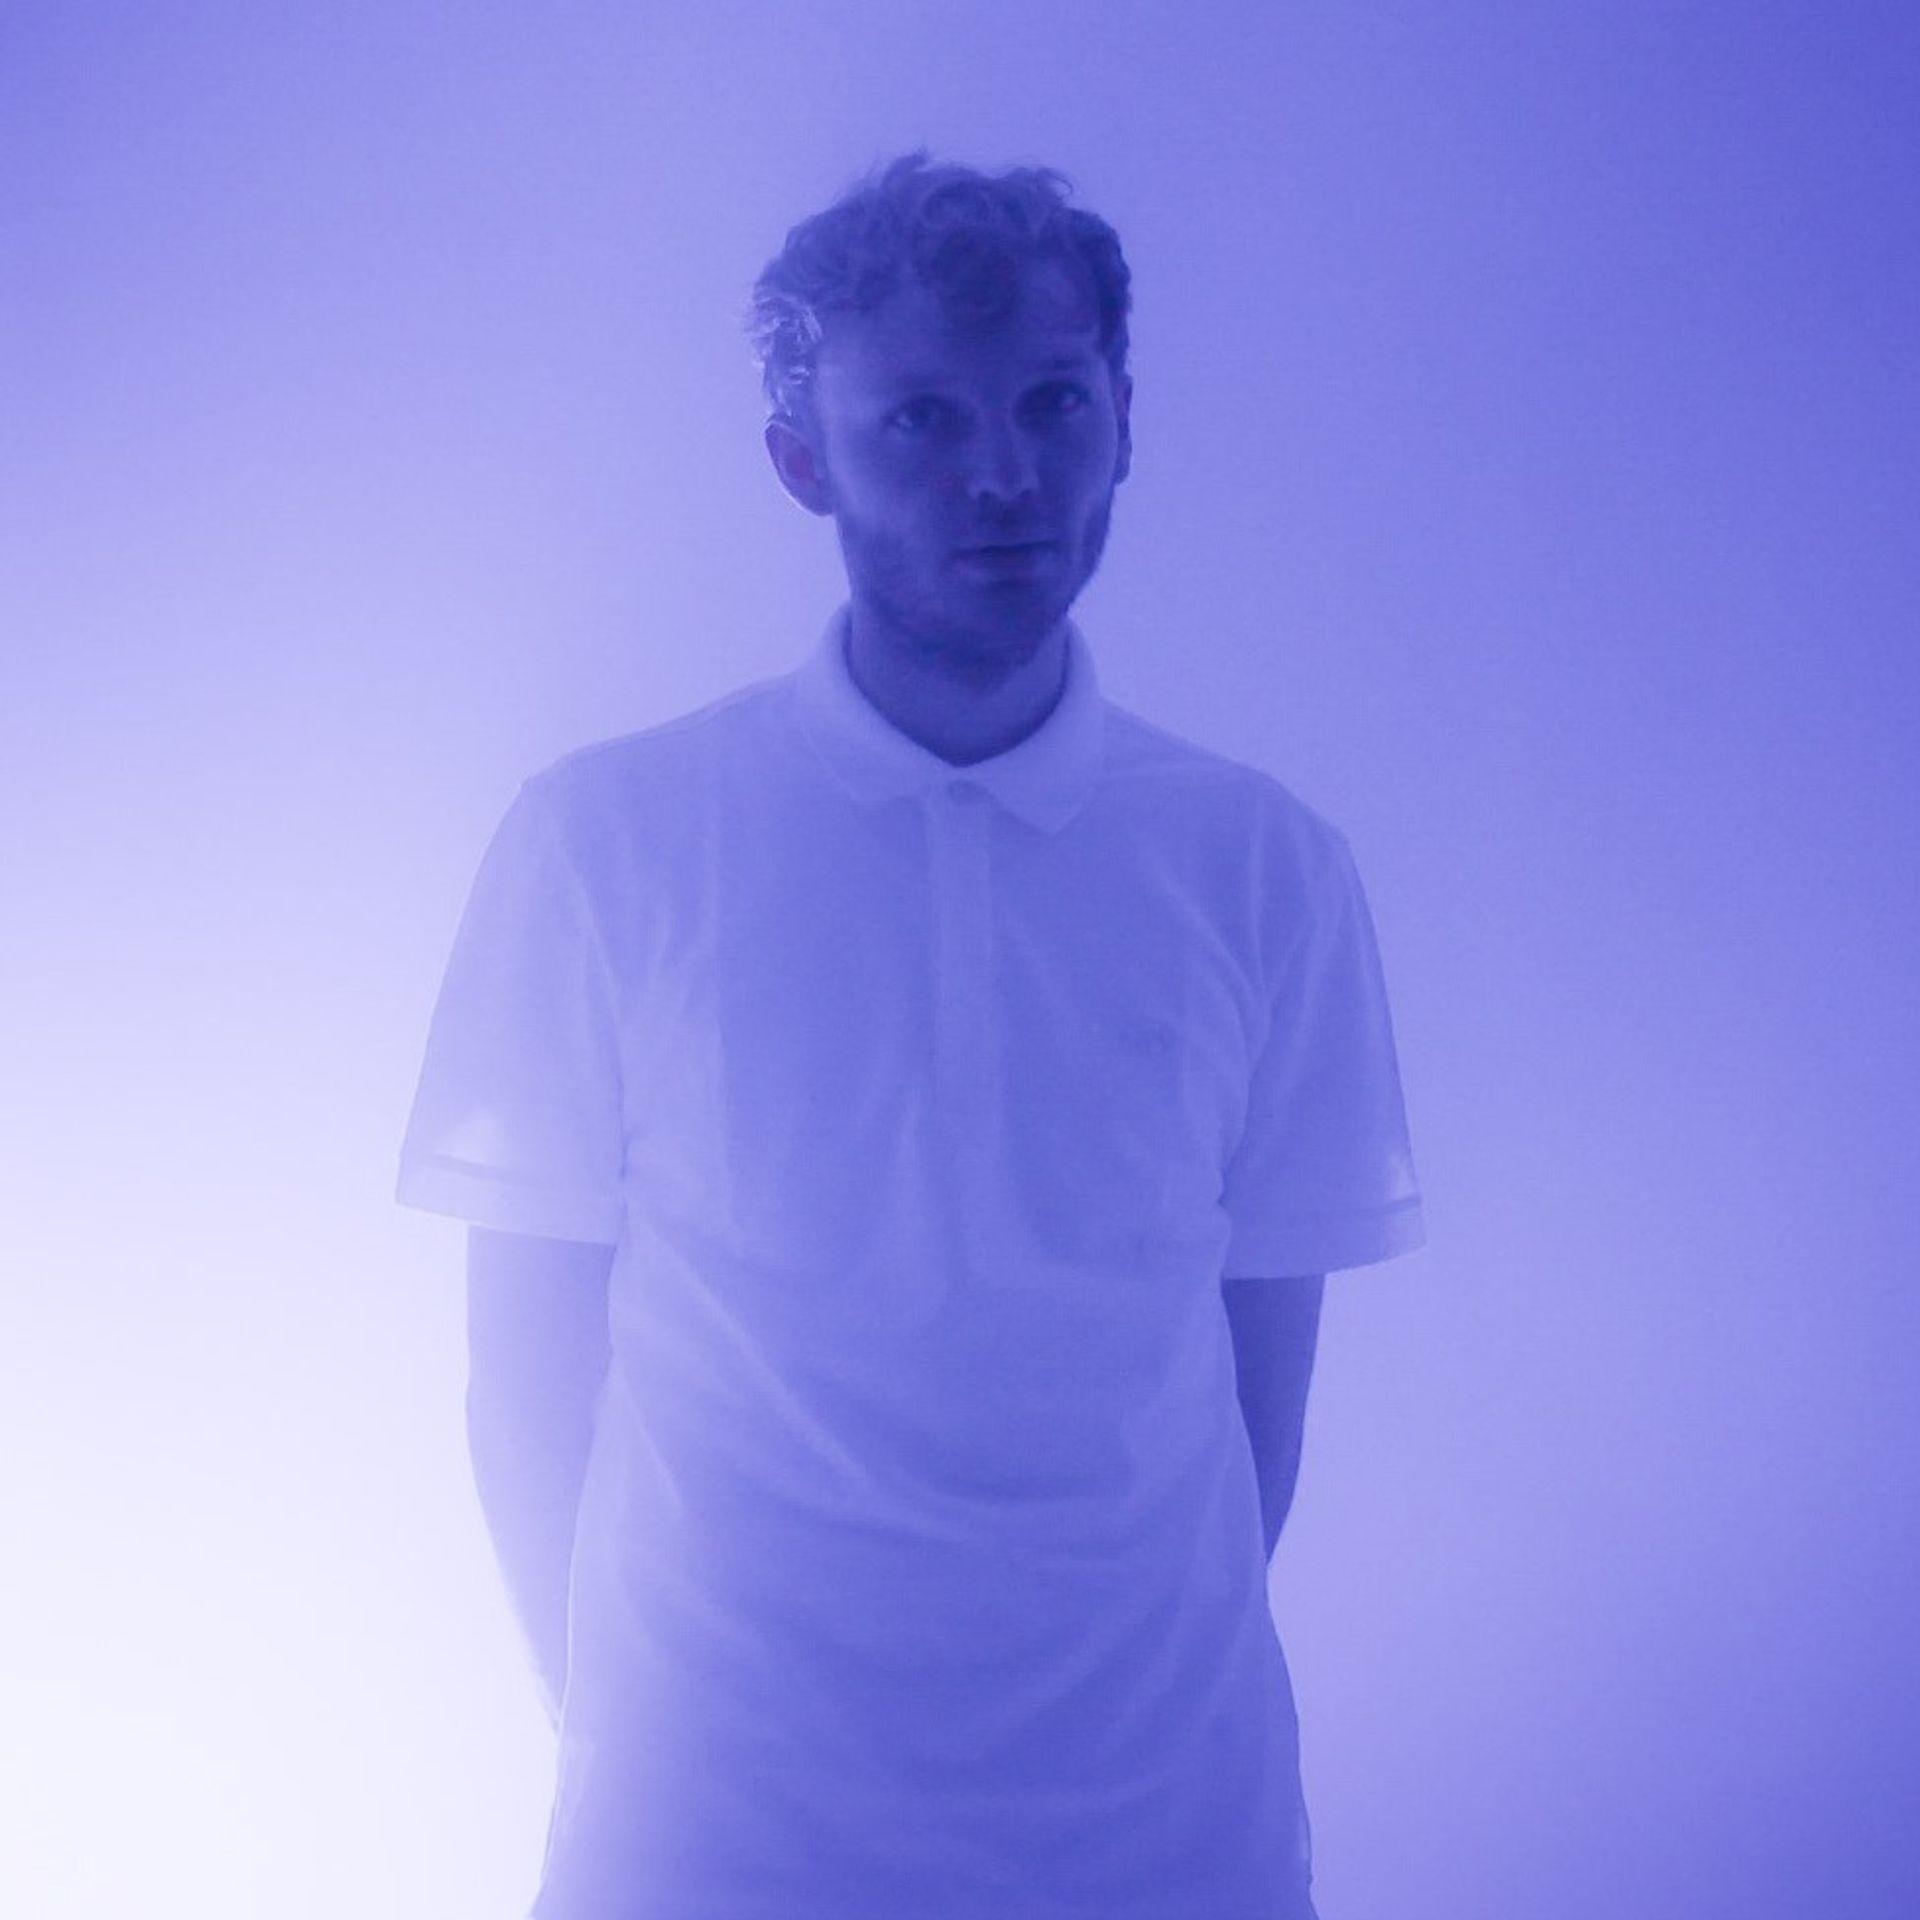 Beau Zwart mixt verschillende genres in 'Beyond Two Souls'